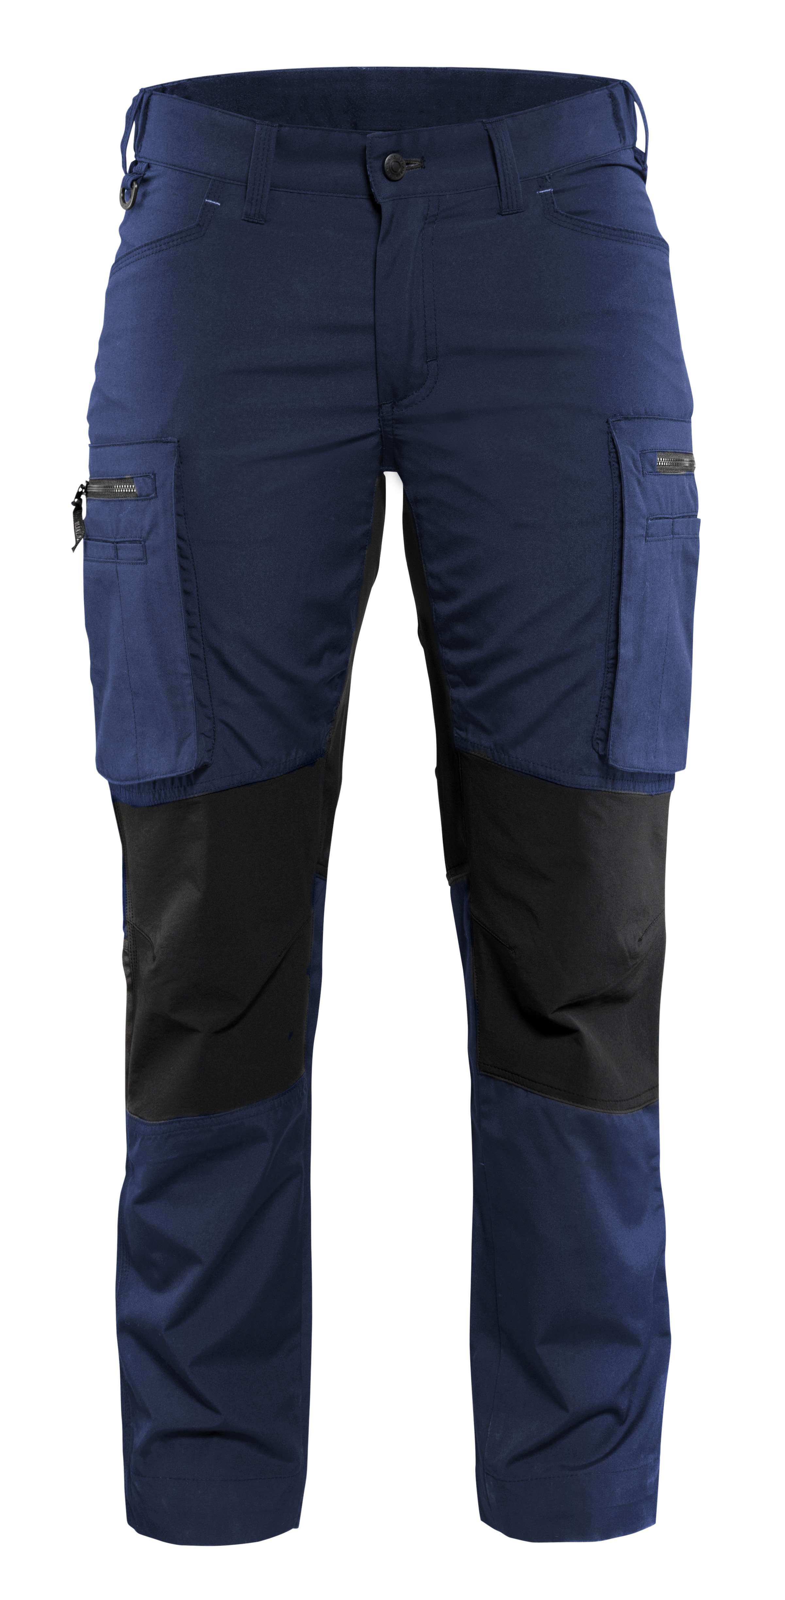 Blaklader Dames werkbroeken 71591845 marineblauw-zwart(8999)